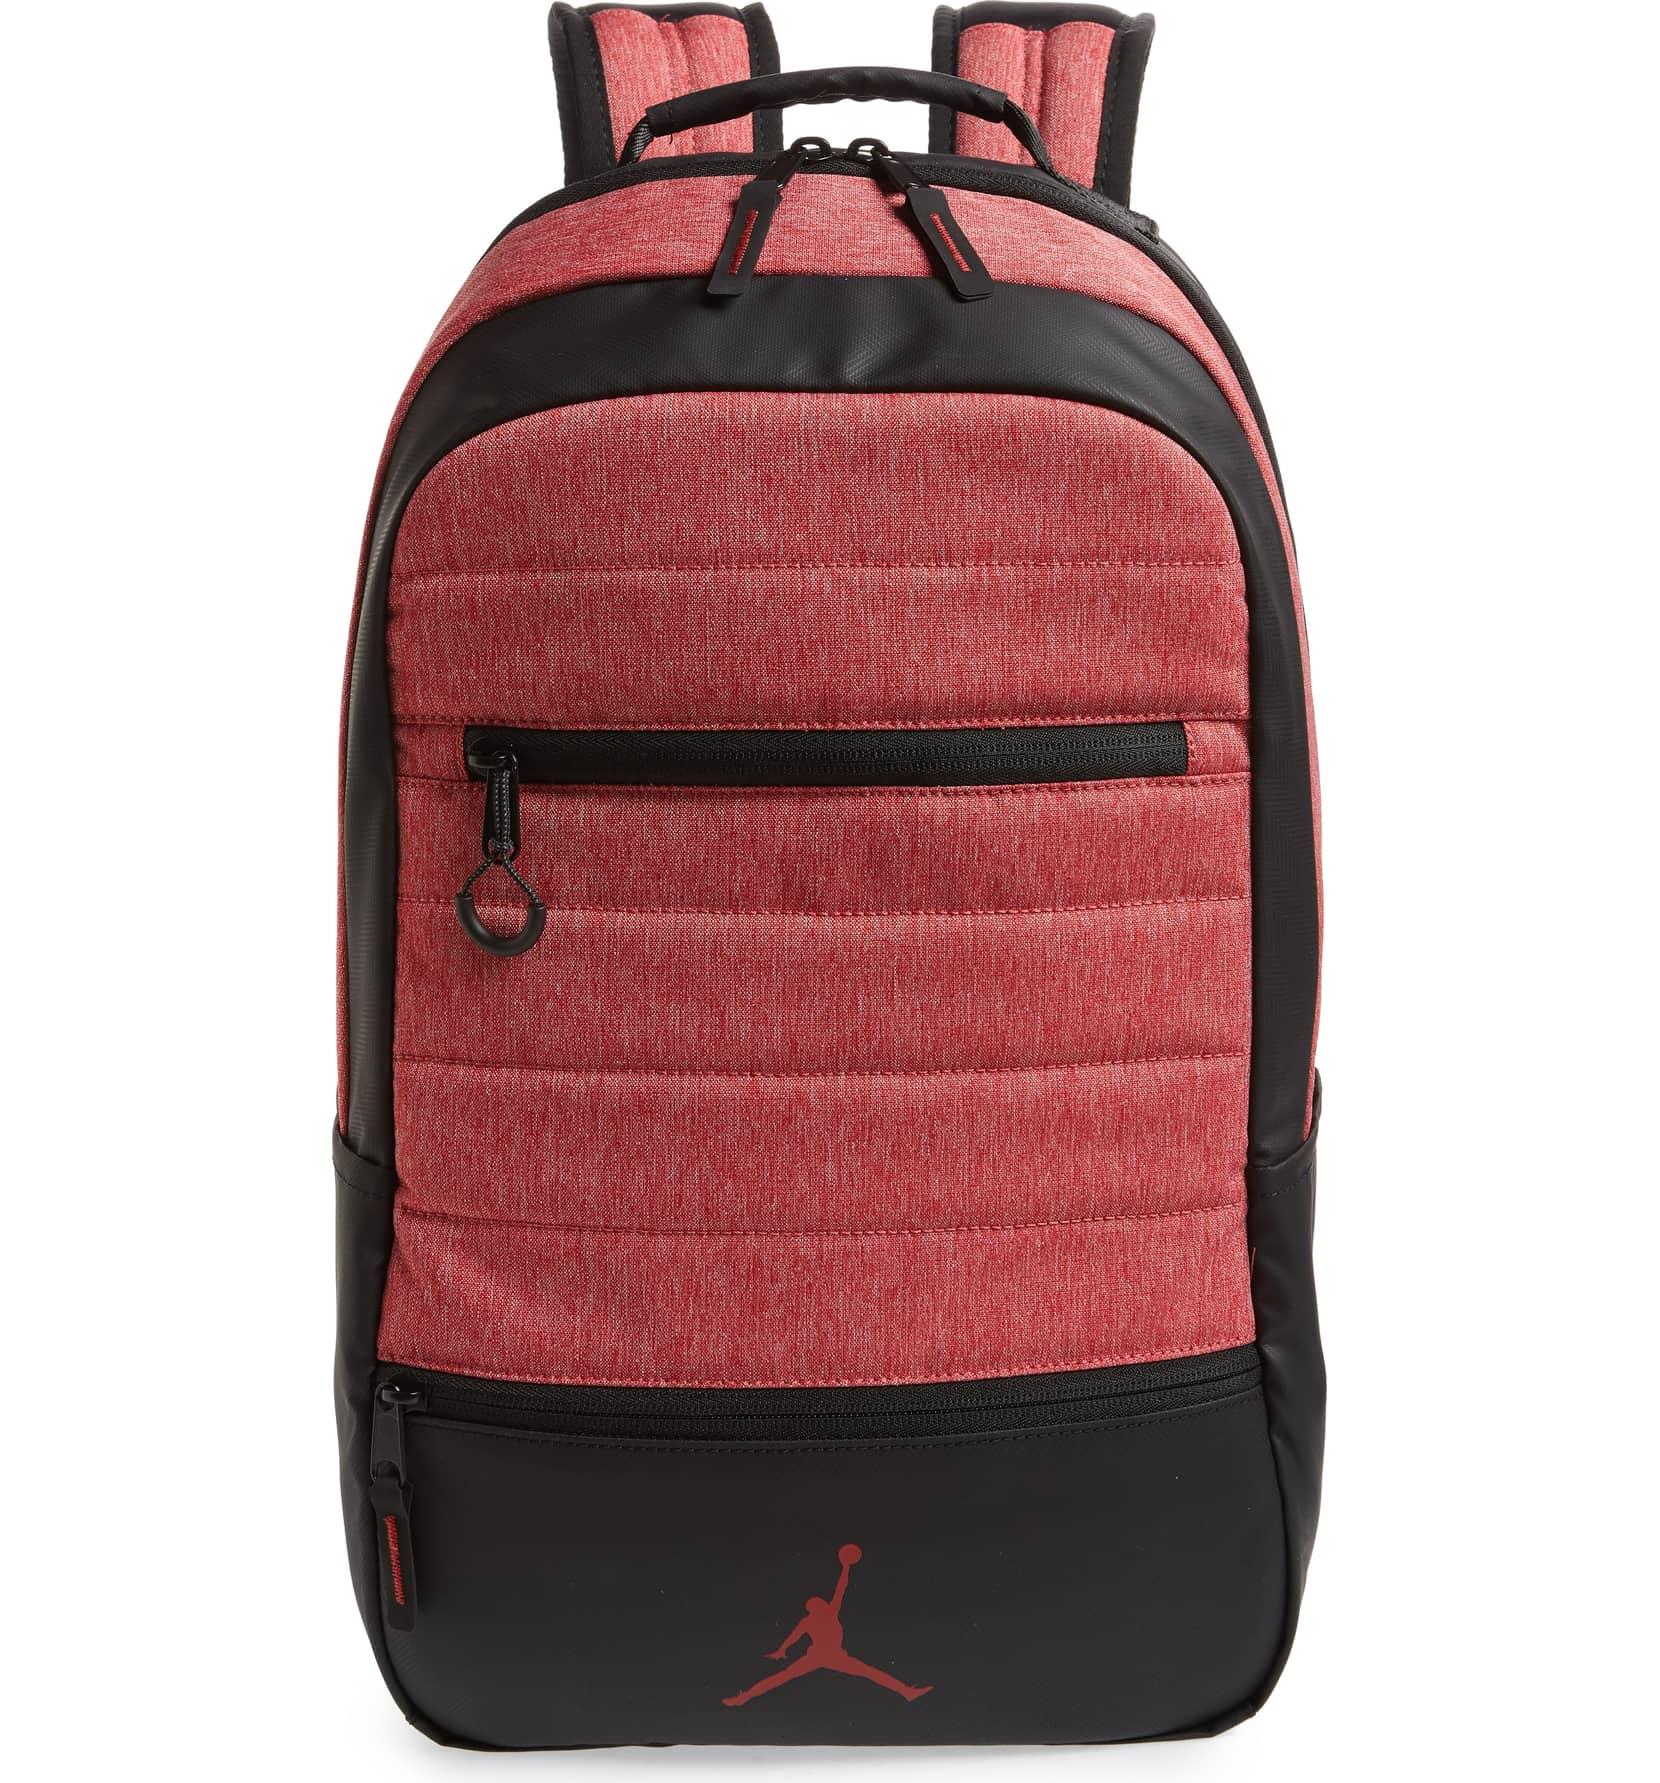 31adba3ff38 Nordstrom: Nike Jordan Airborne Logo Backpack – only $32 (reg $65) Shipped!